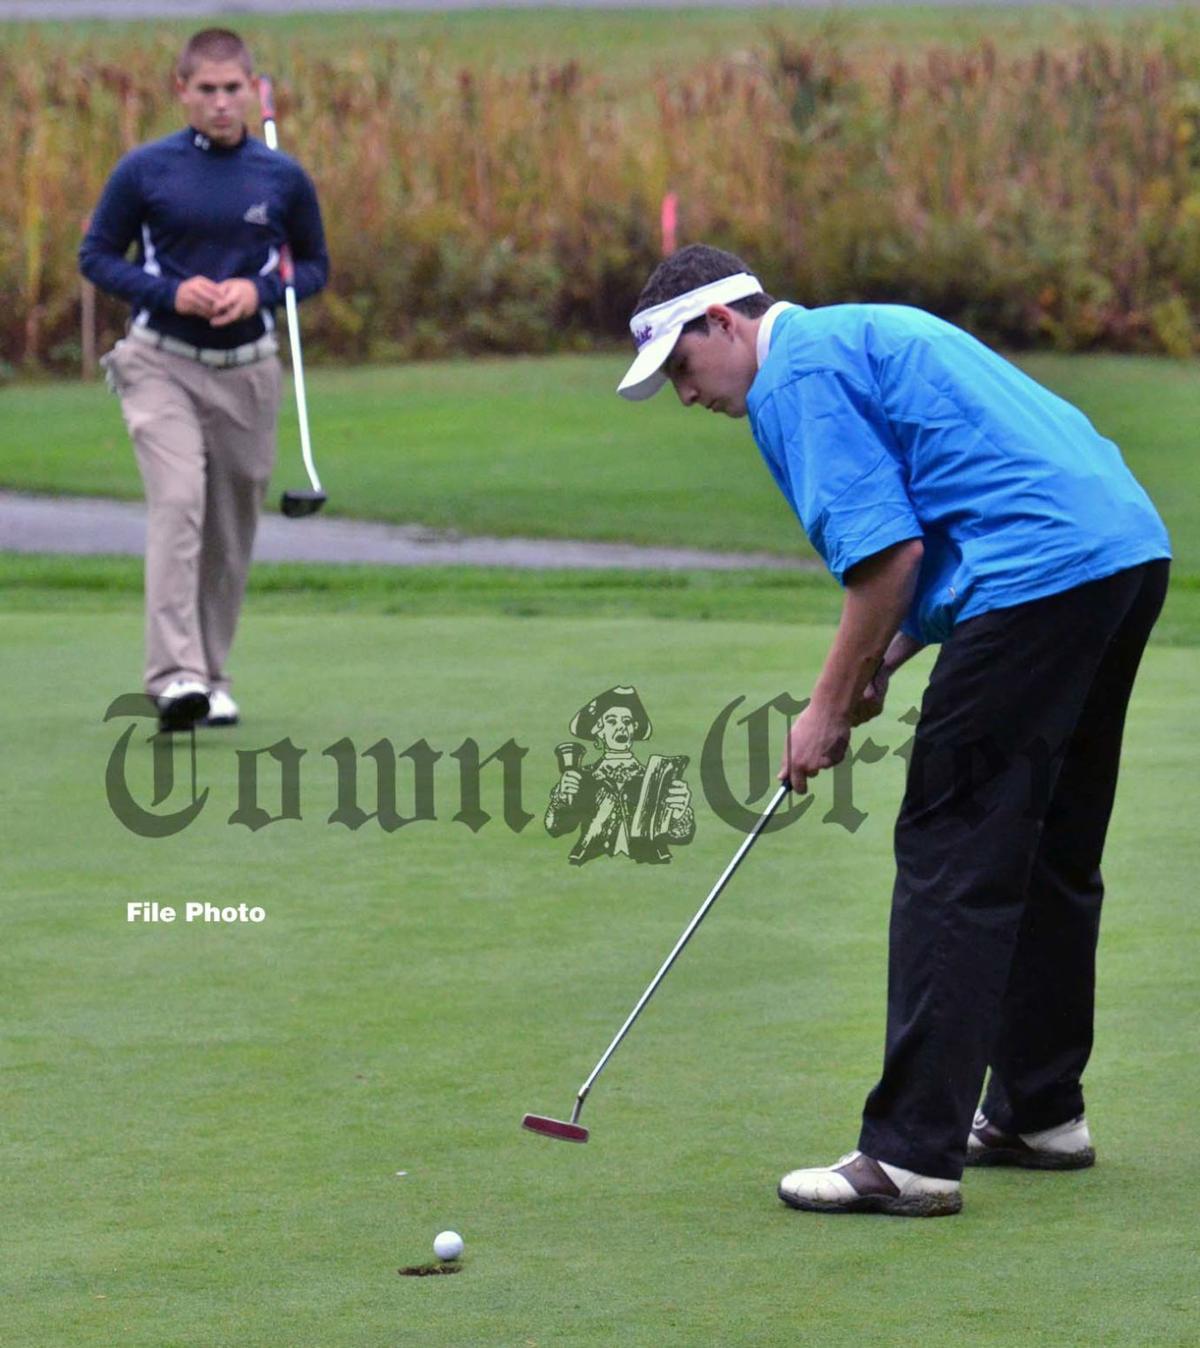 Derek Petti while on the TMHS Golf team